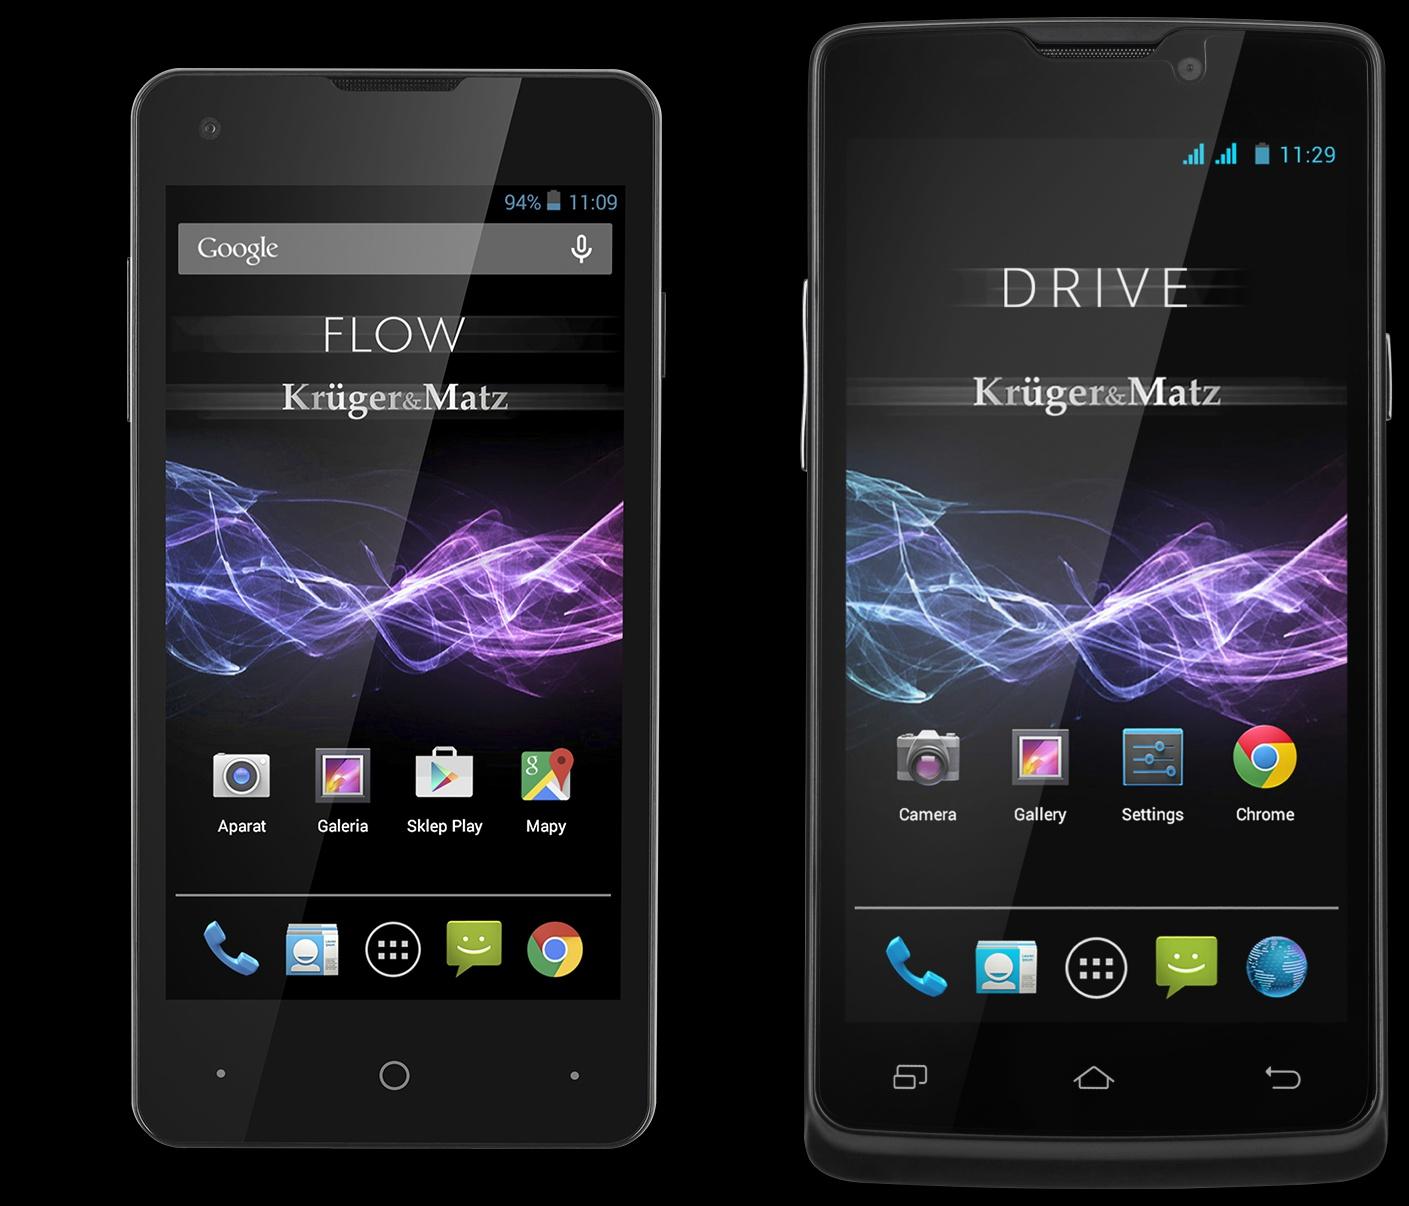 kruger-matz-drive-flow